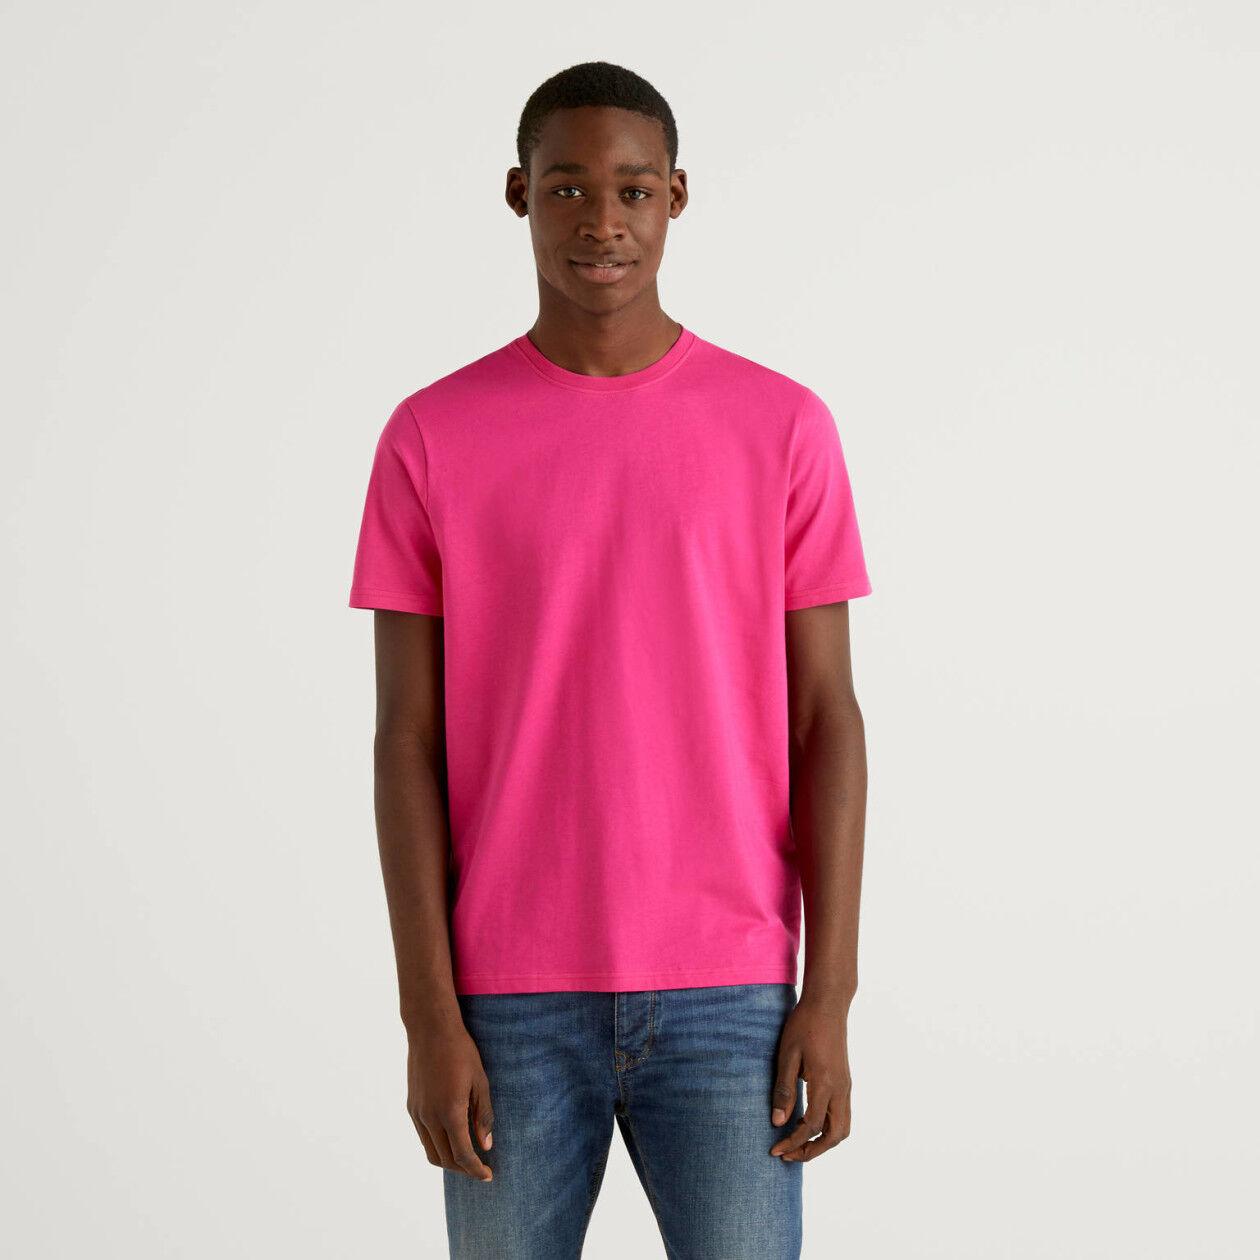 T-shirt fúcsia em algodão puro